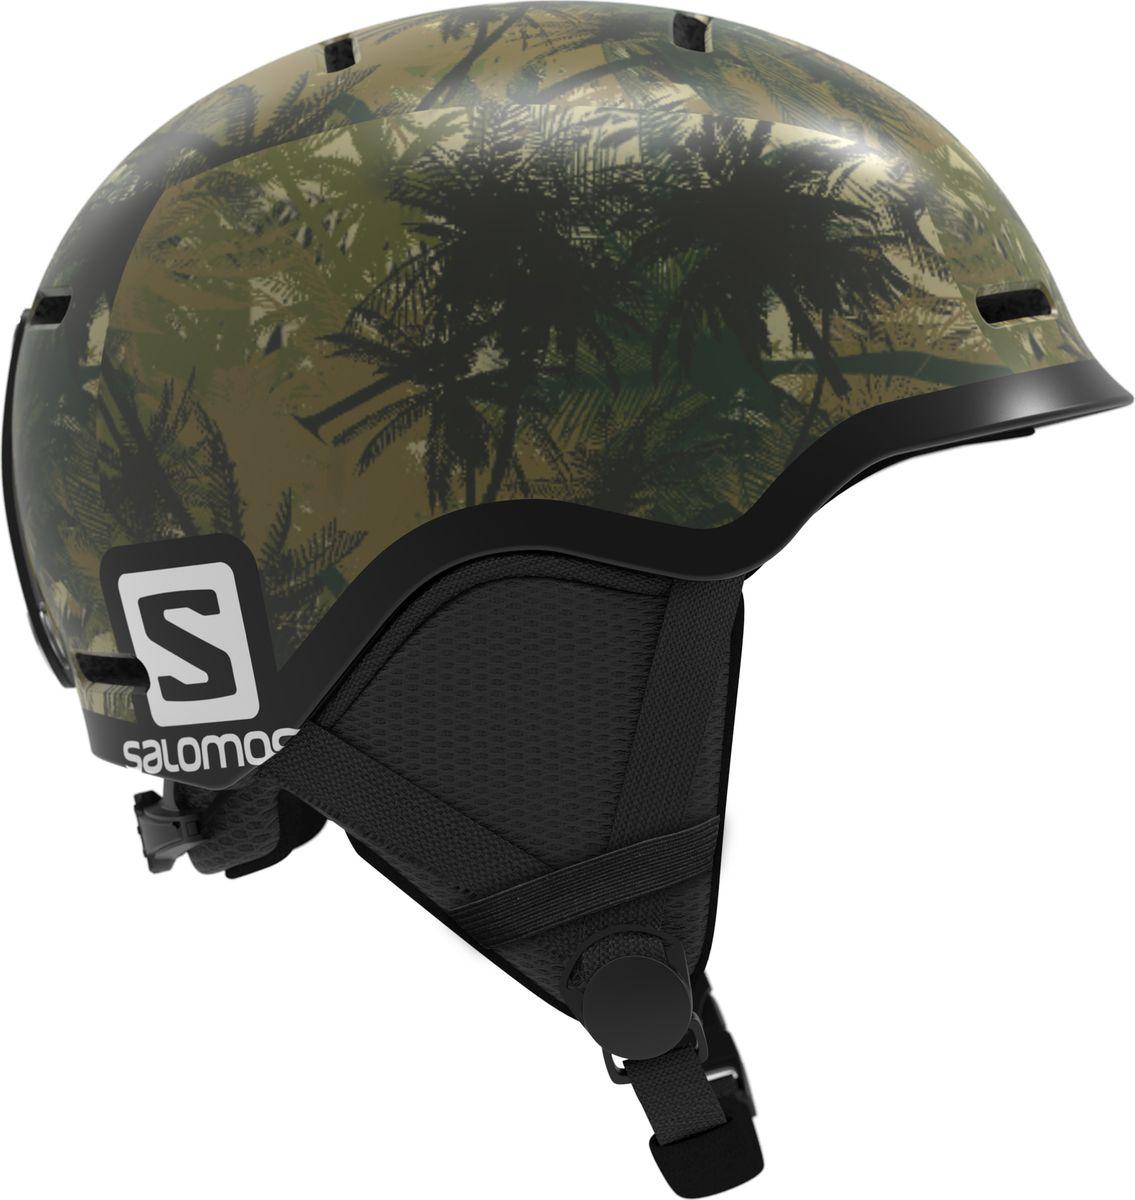 Шлем горнолыжный Salomon Grom, детский, цвет: зеленый. Размер S (49-53)